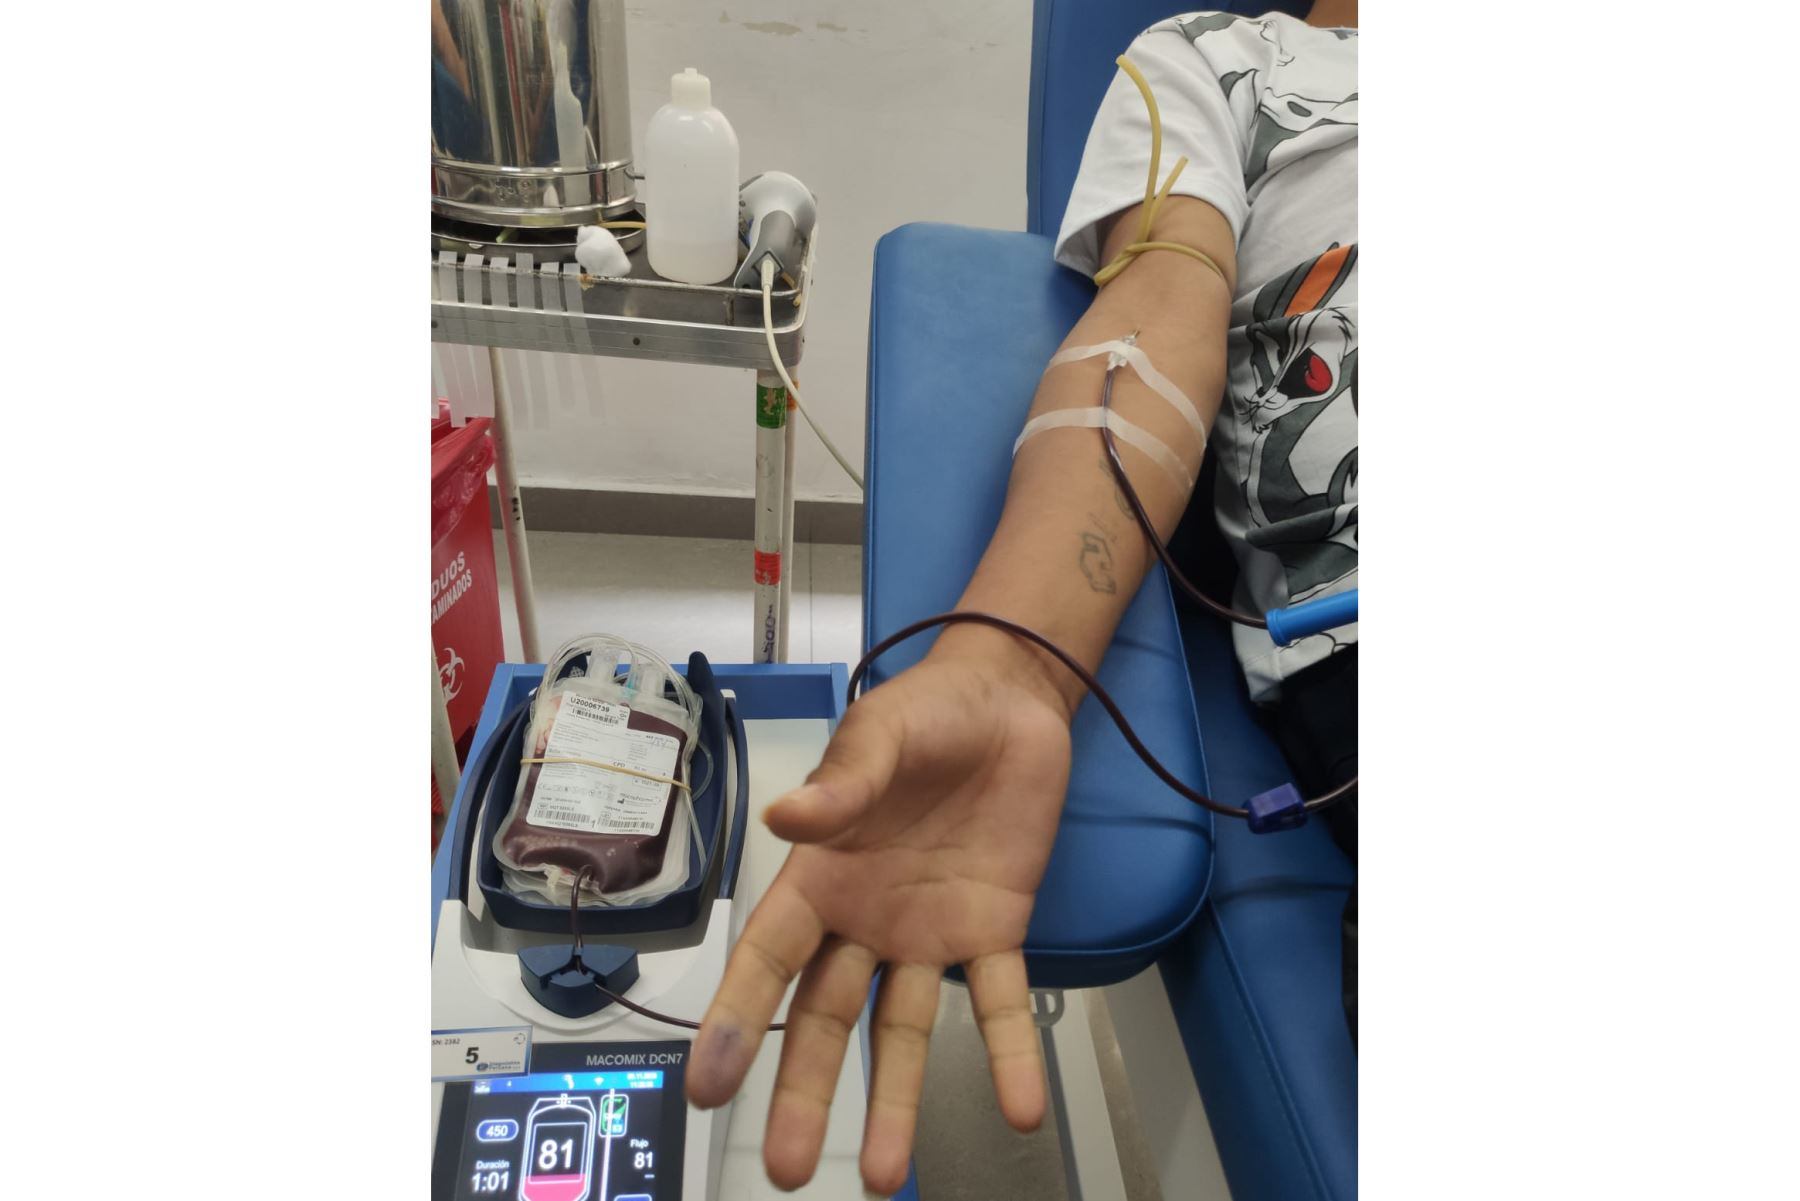 quieres-ayudar-a-pacientes-con-quemaduras-puedes-donar-sangre